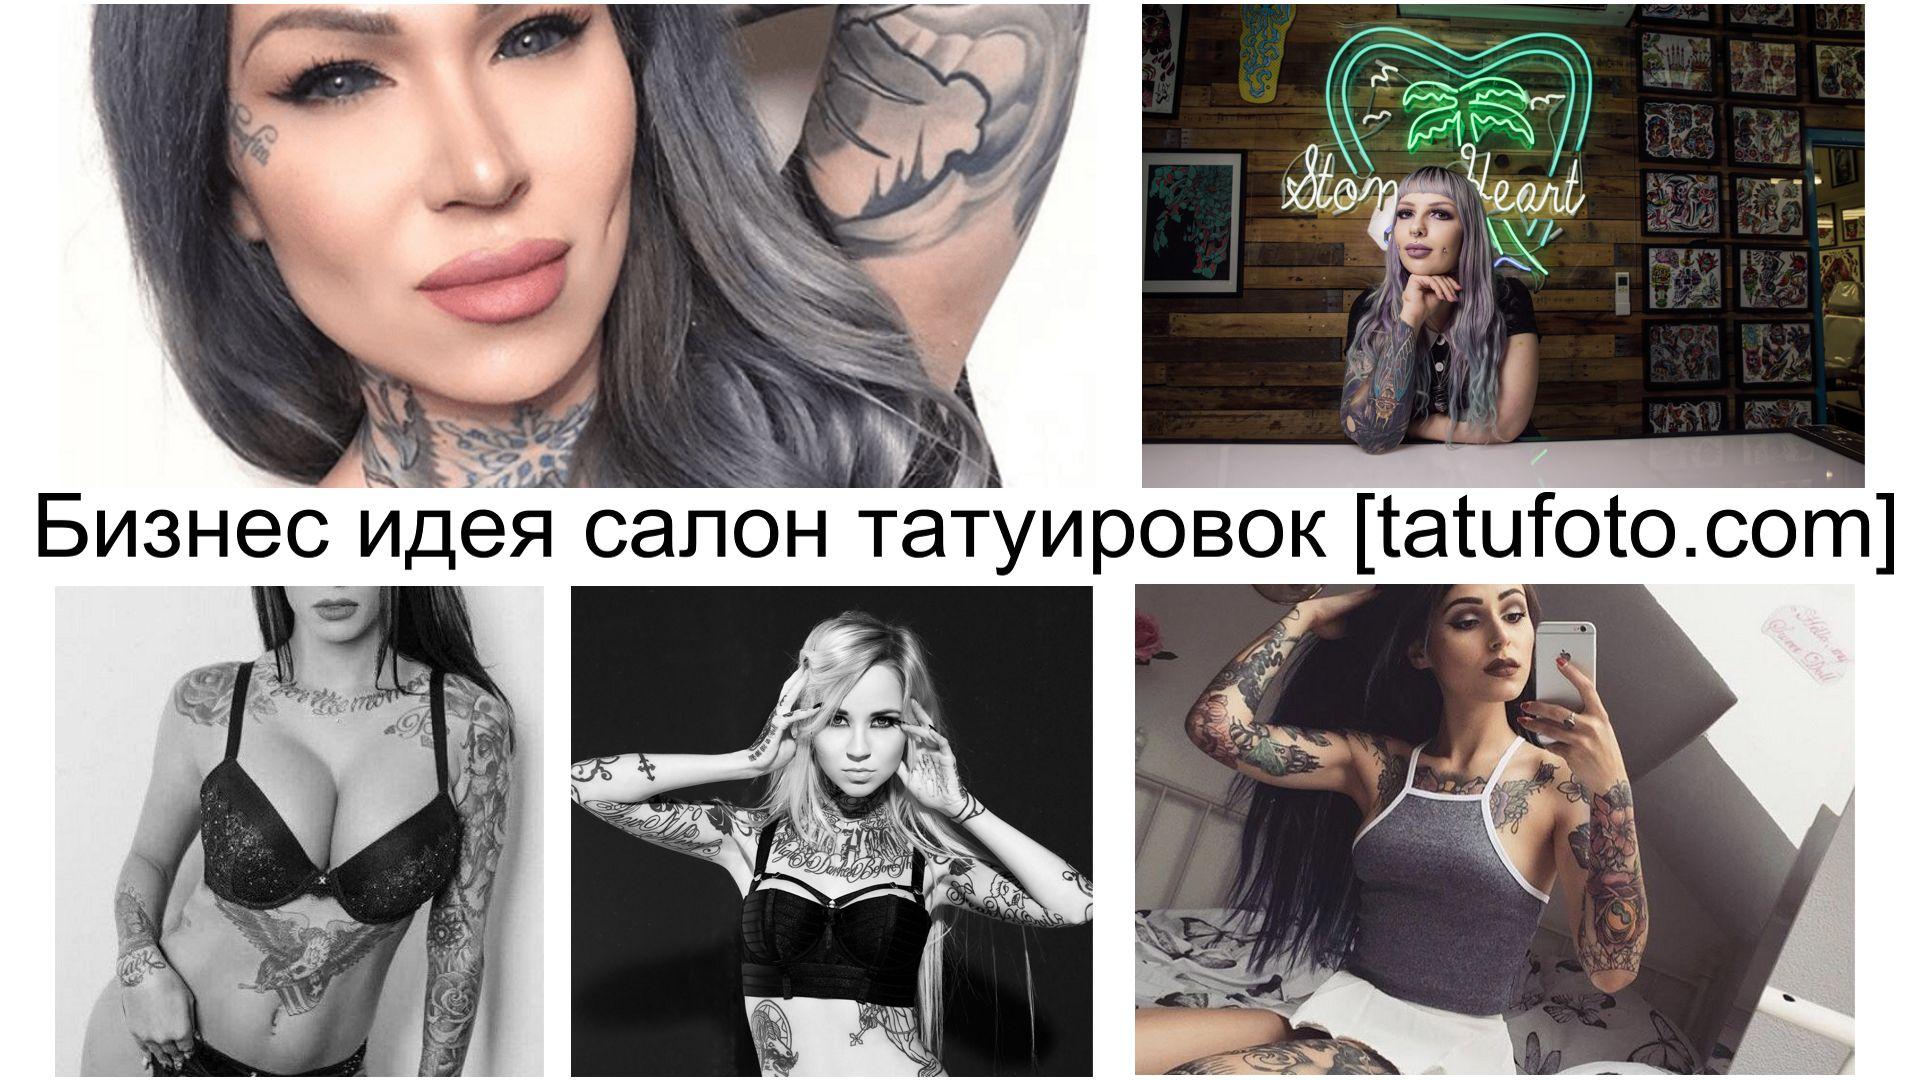 Бизнес идея салон татуировок